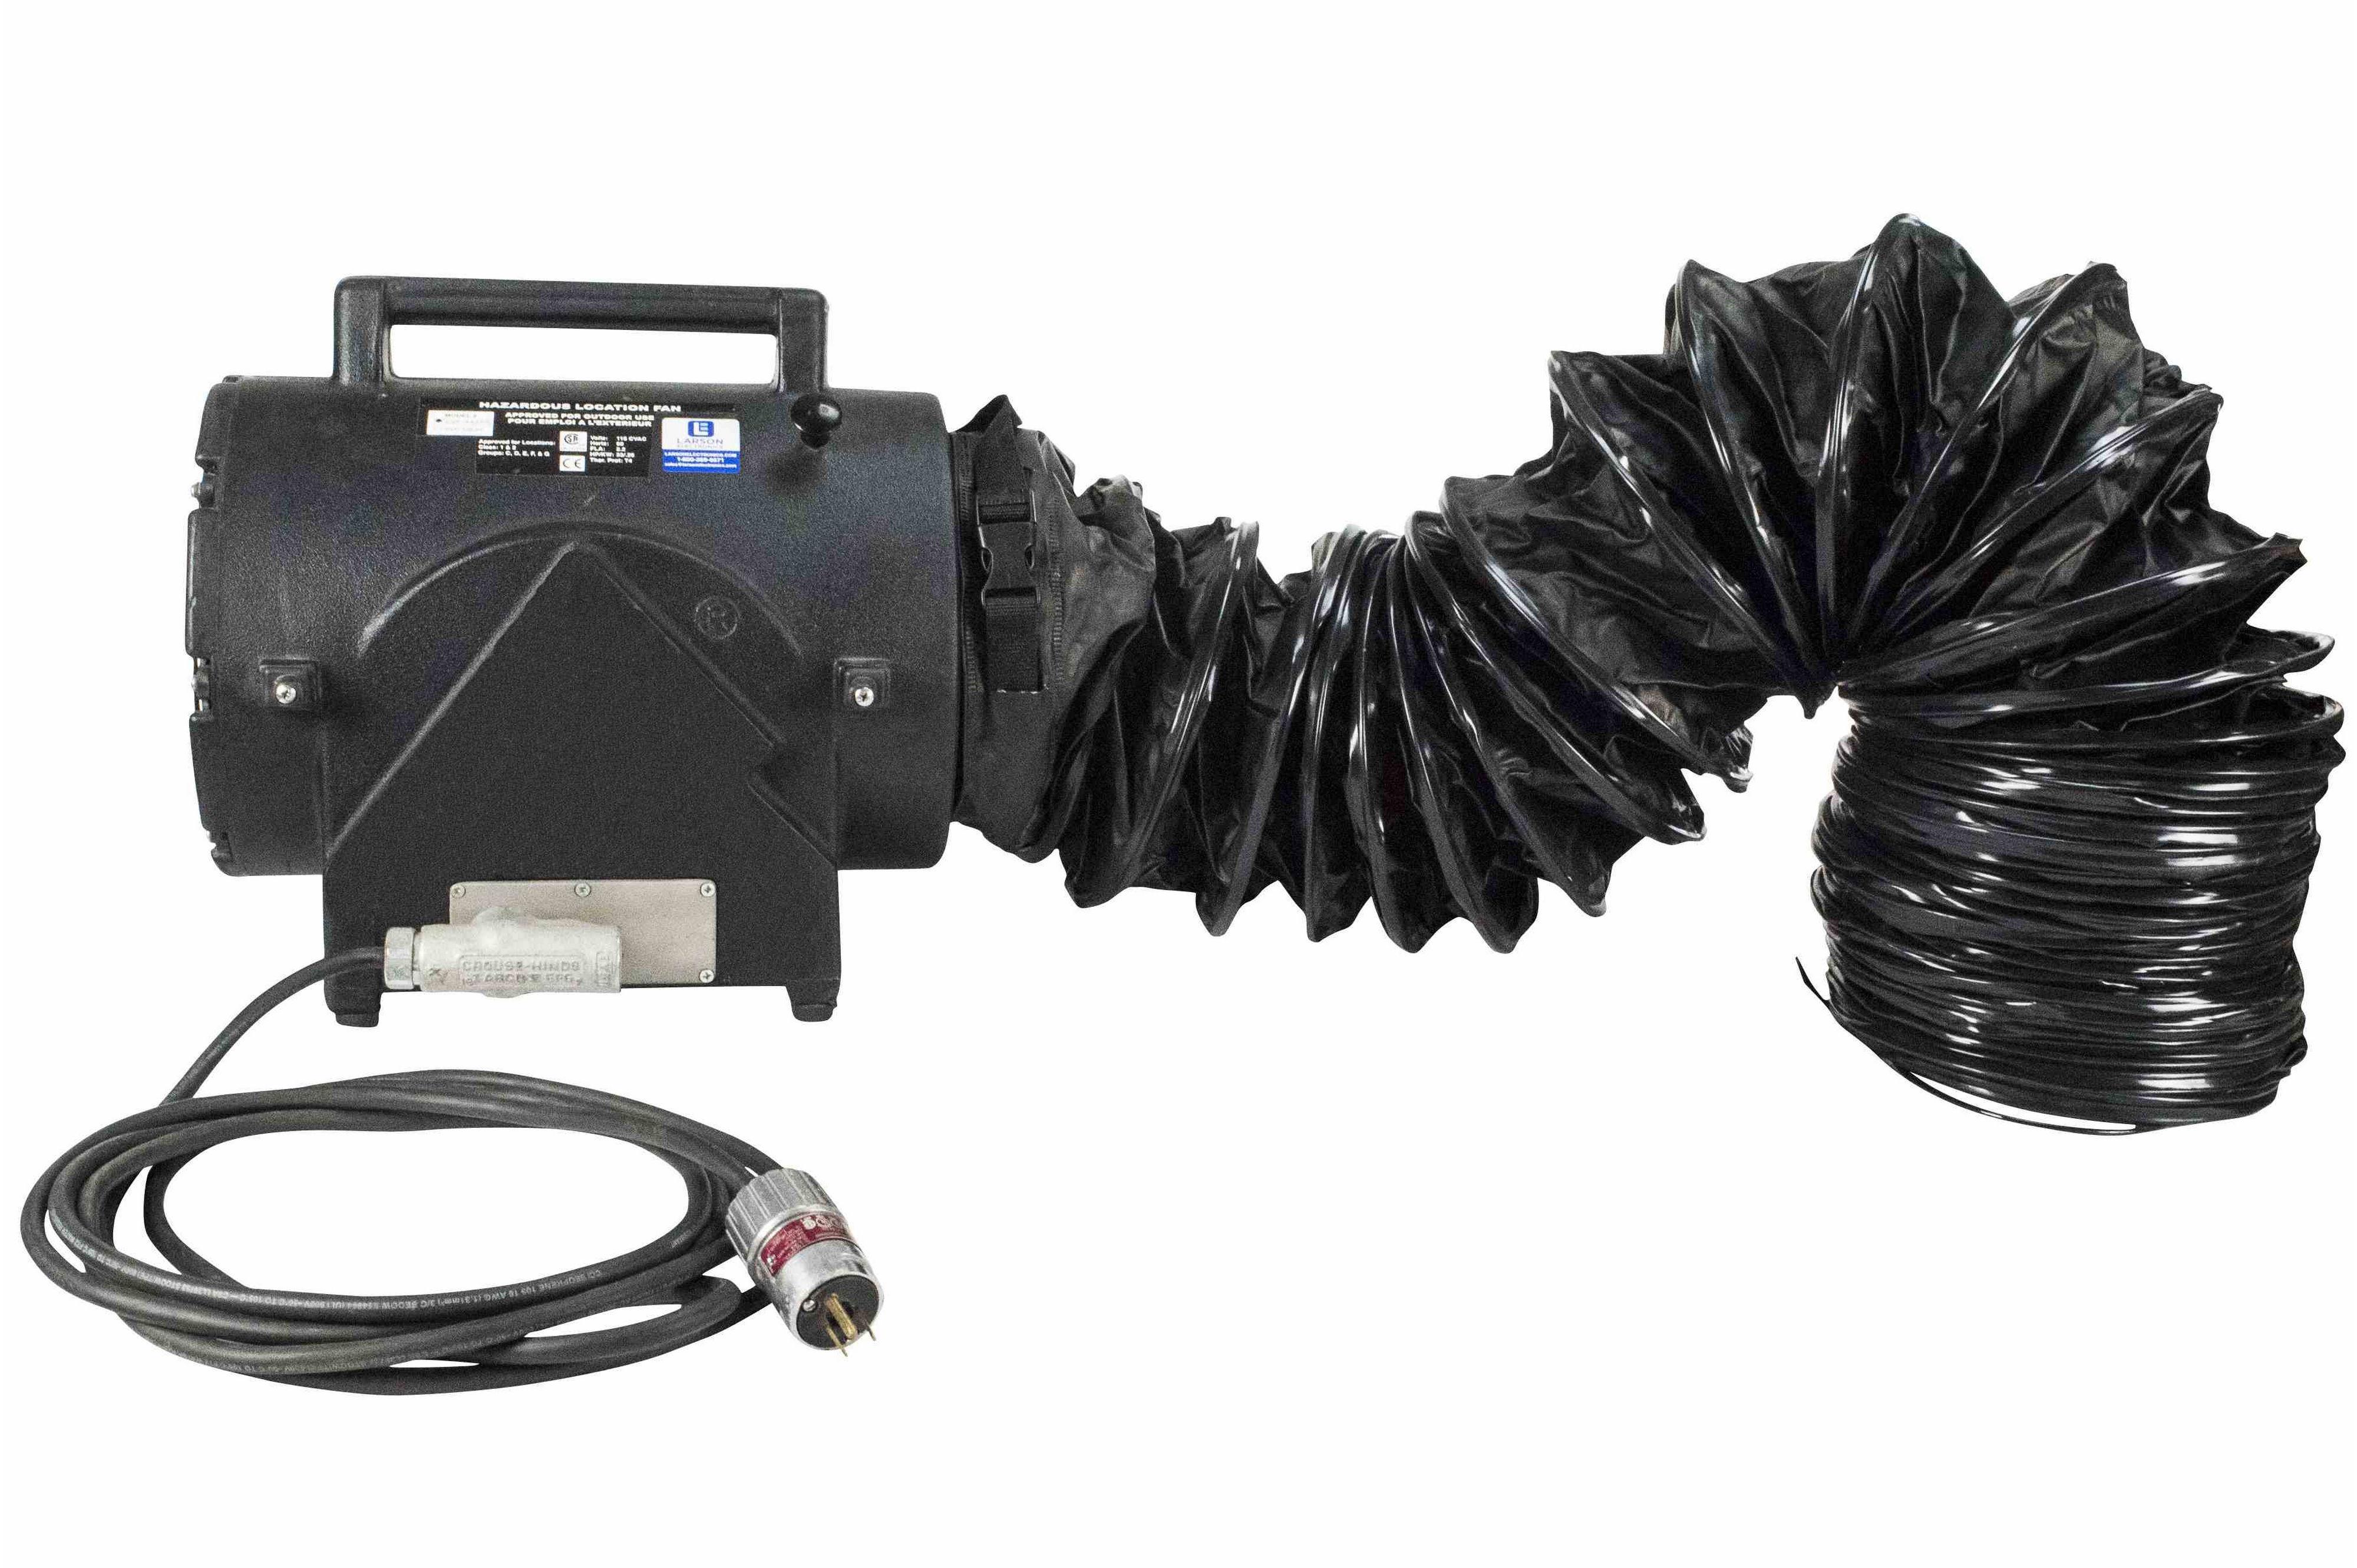 Exploion Proof Inline Blower Fan : Explosion proof electric inline axial fan ventilator